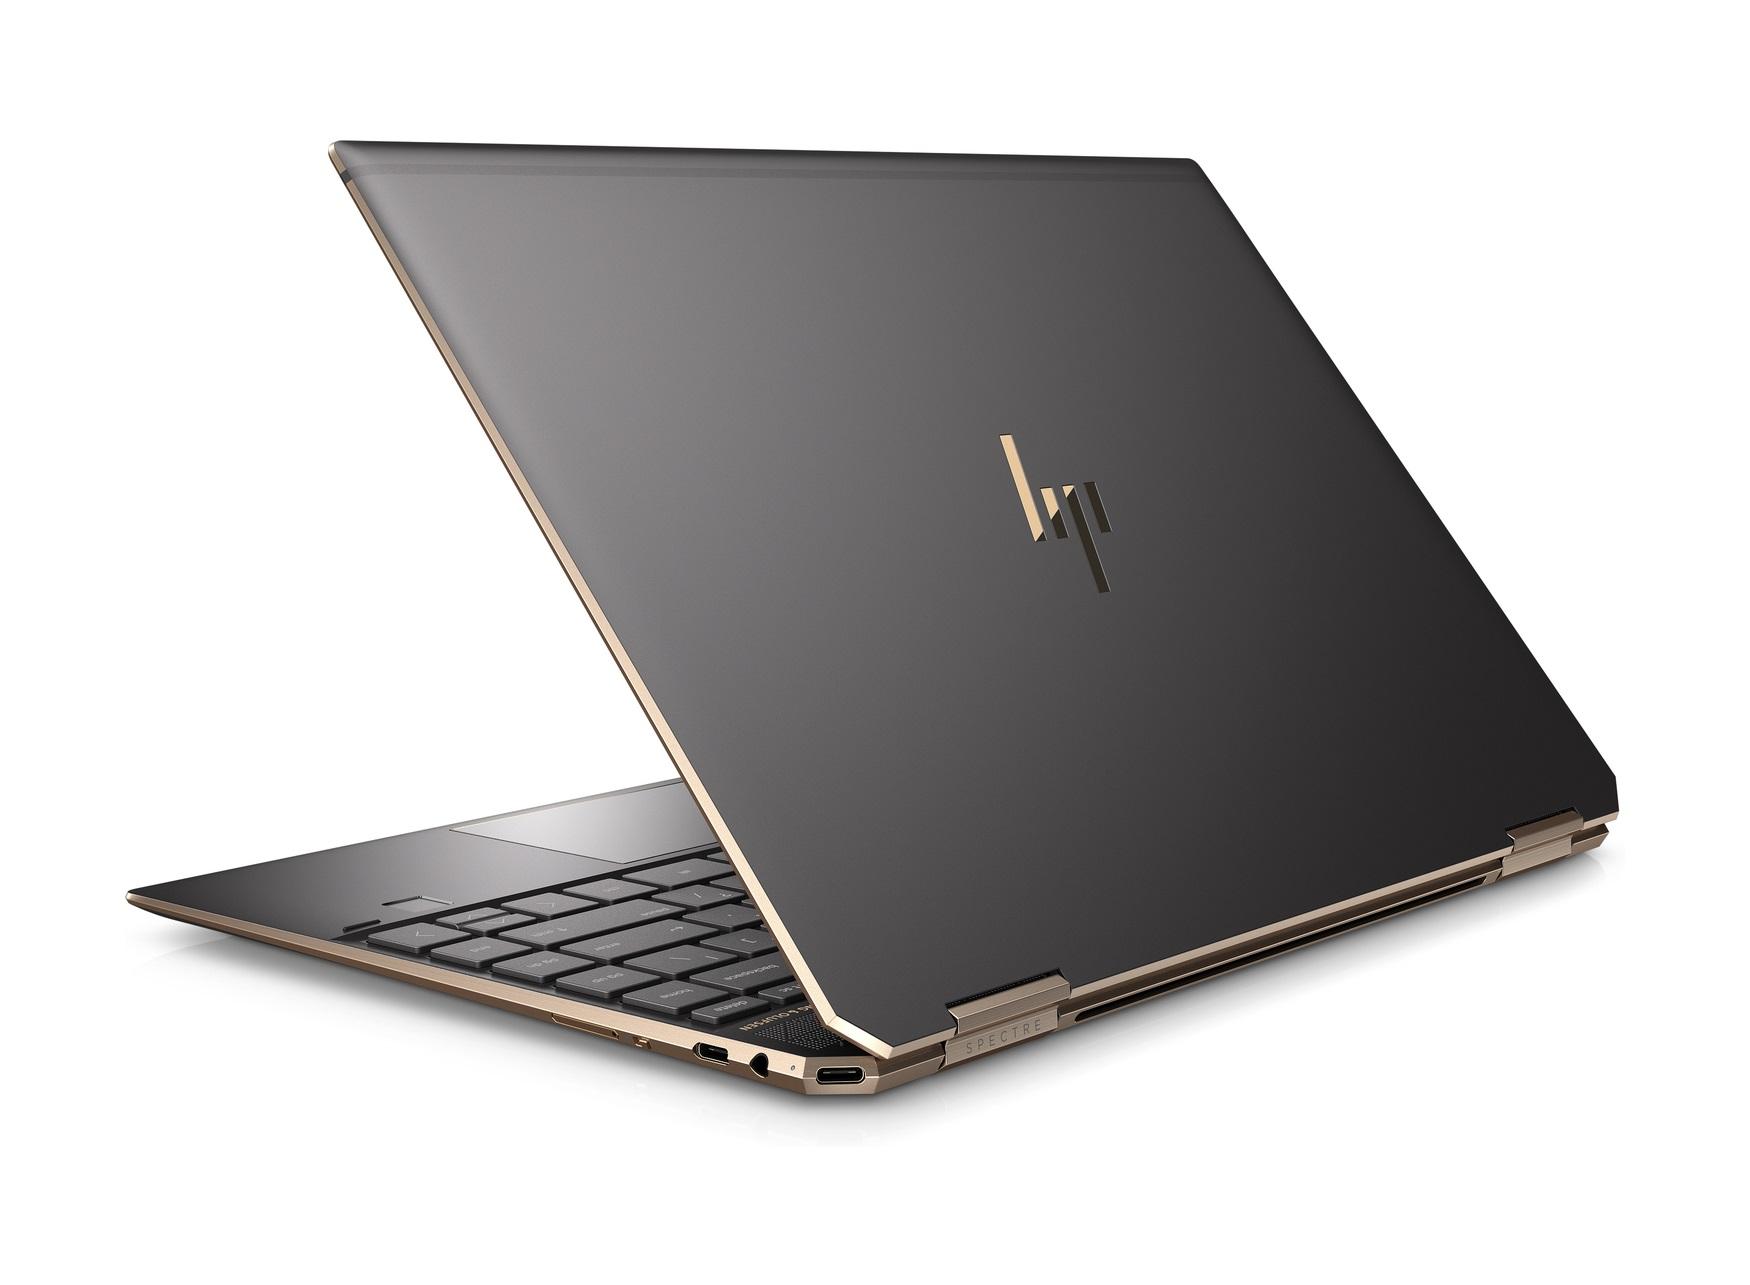 Pierwsze co rzuca się w oczy gdy bierzemy do ręki laptopHP Spectre, to bardzo cienka obudowa